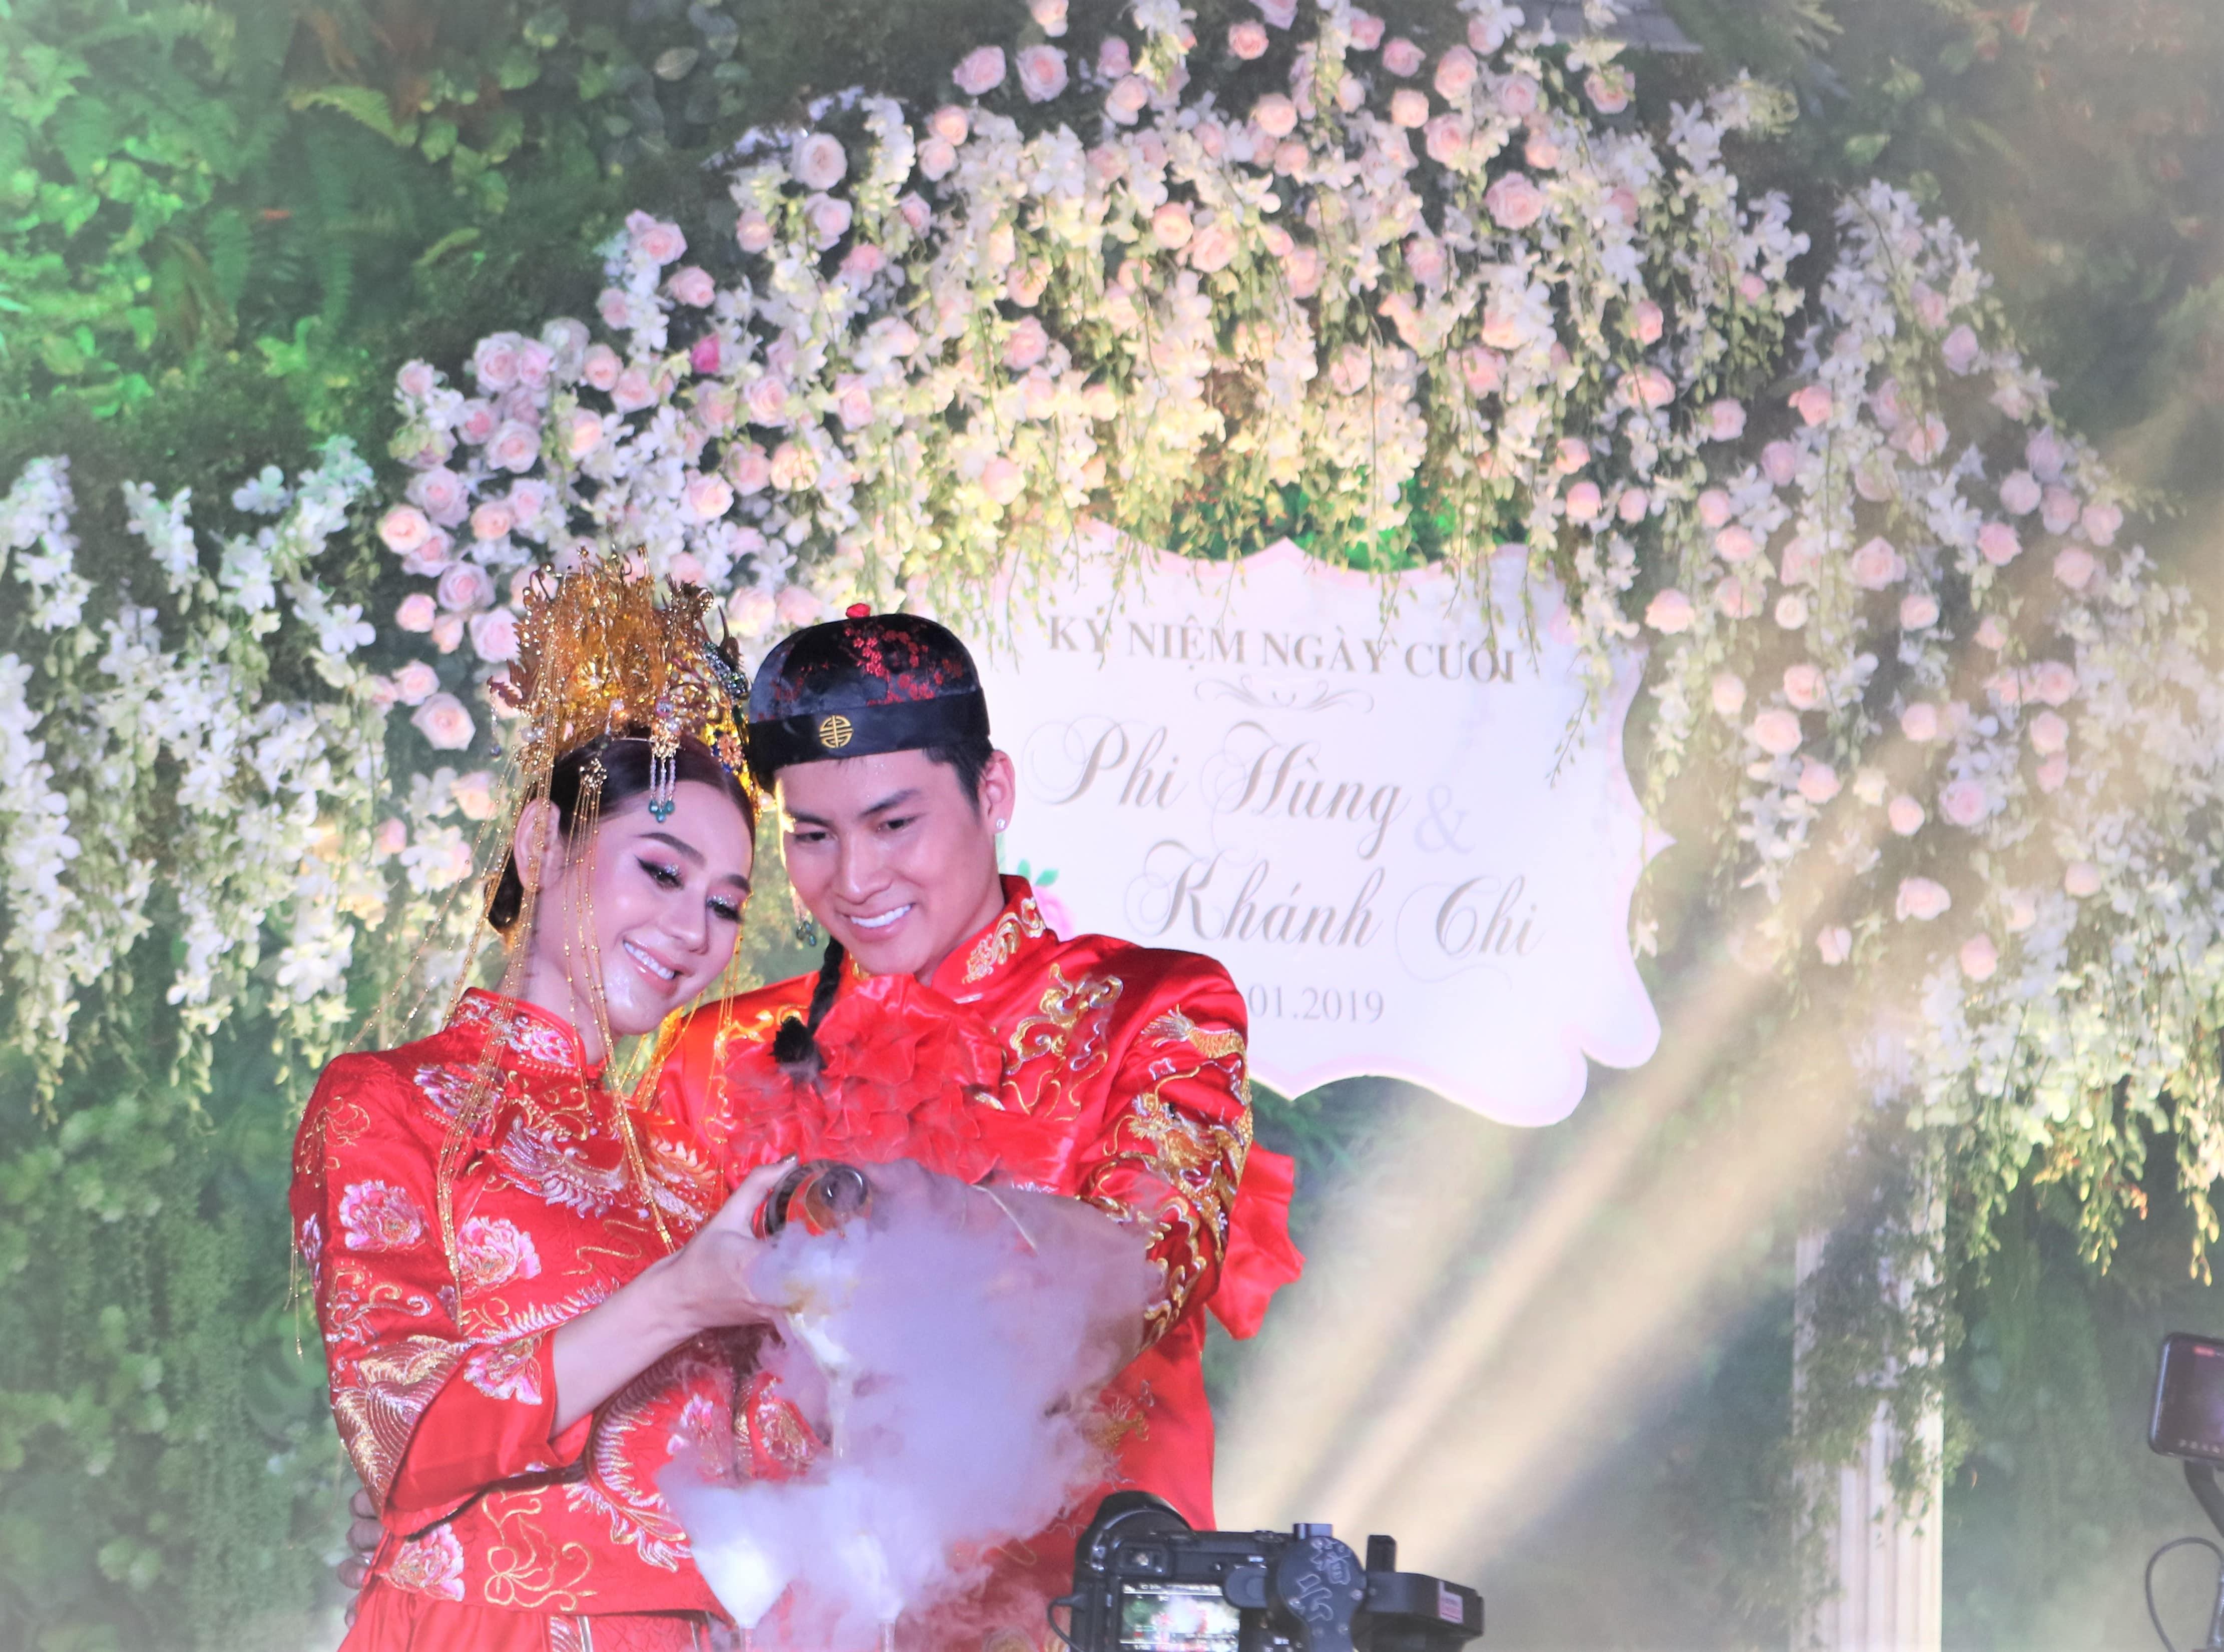 """Mẹ chồng Lâm Khánh Chi tặng quà """"khủng"""" trong lễ kỉ niệm 1 năm ngày cưới của con - 3"""